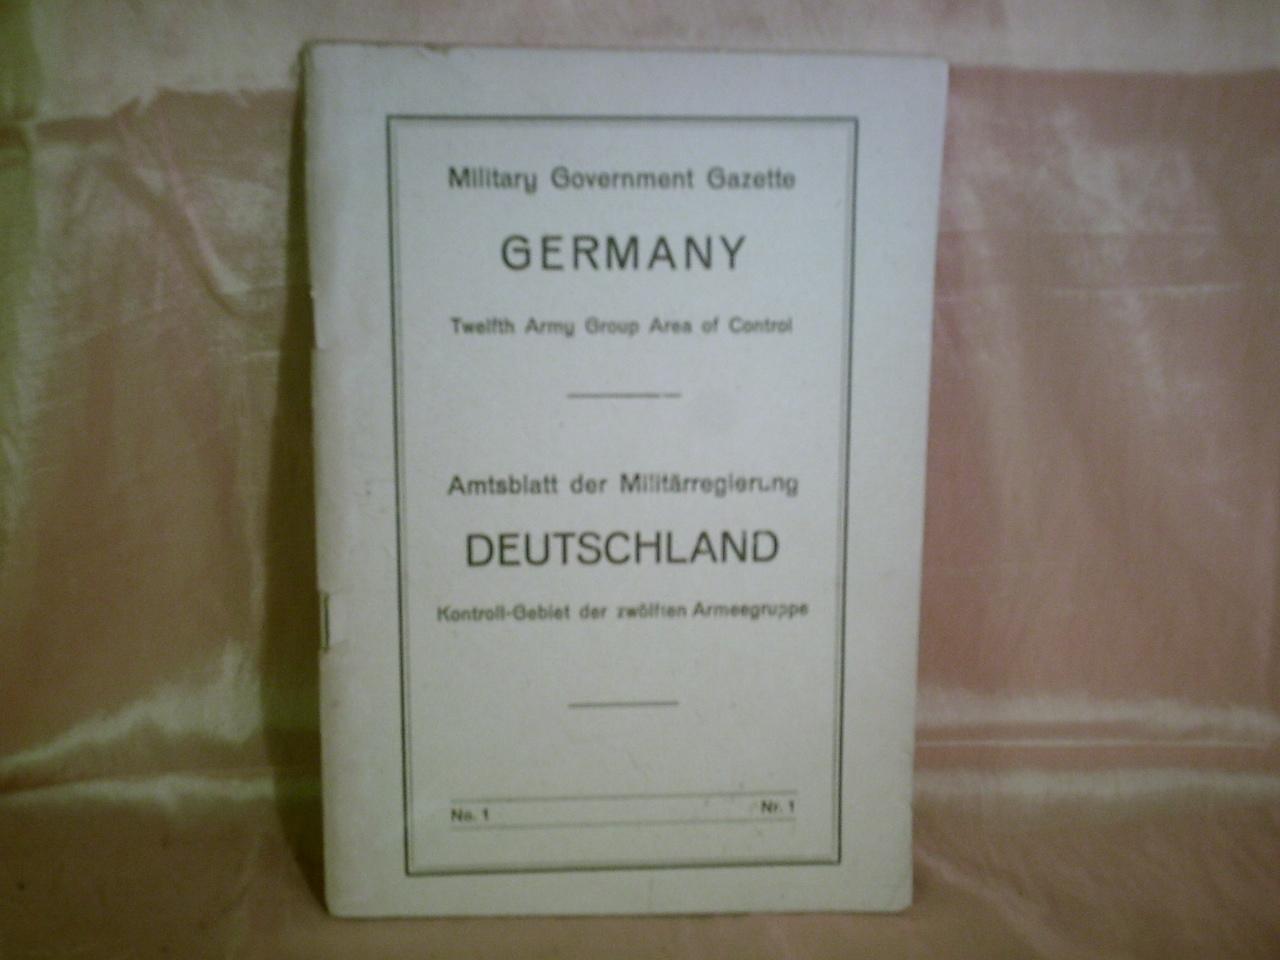 Amtsblatt der Militärregierung Deutschland Kontroll-Gebiet der zwölften Armeegruppe Nr. 1